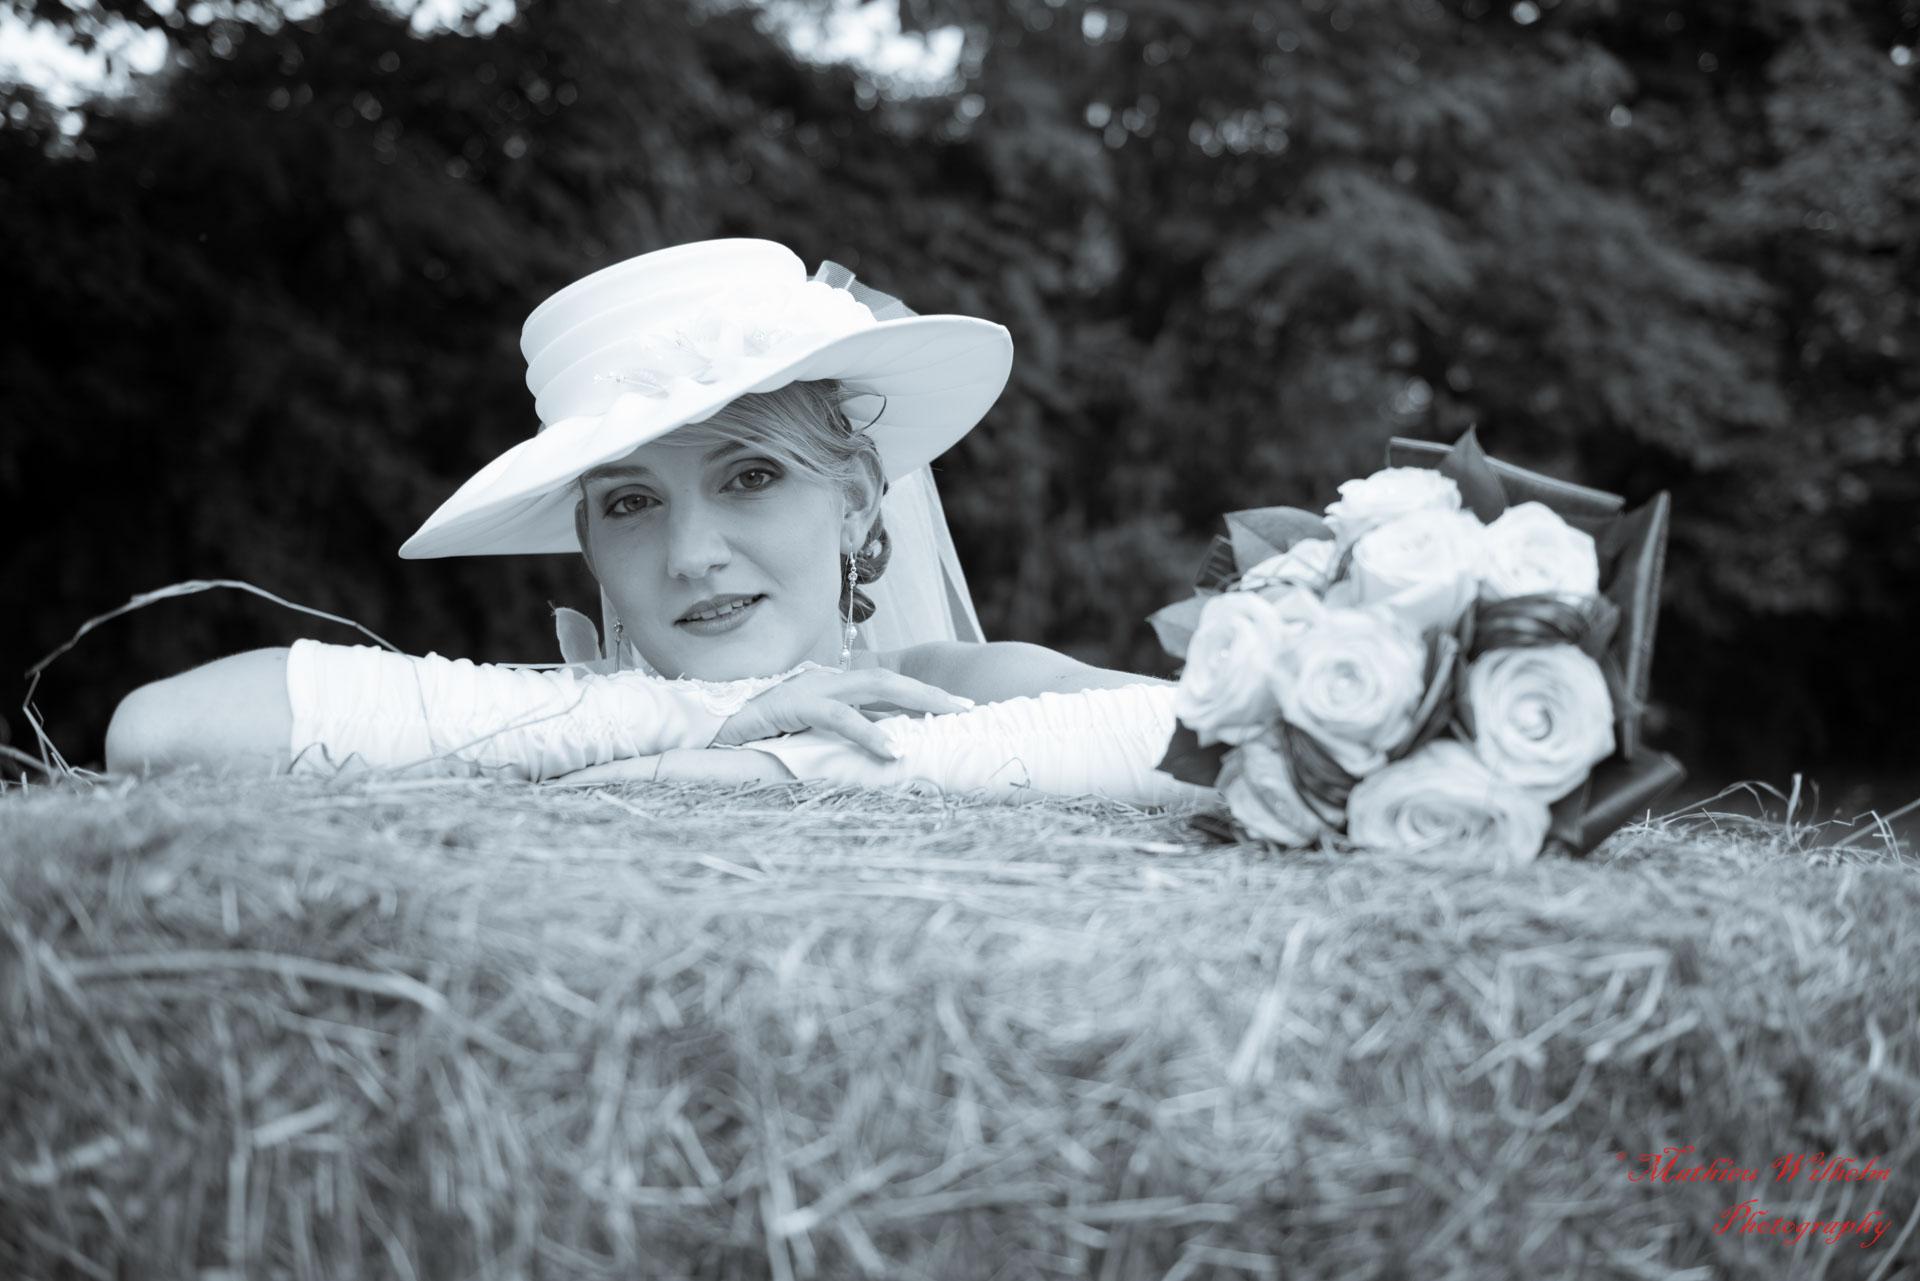 2013-08-24 Aurelia Claer - Kevin Foureur - MARIAGE D800 (425)